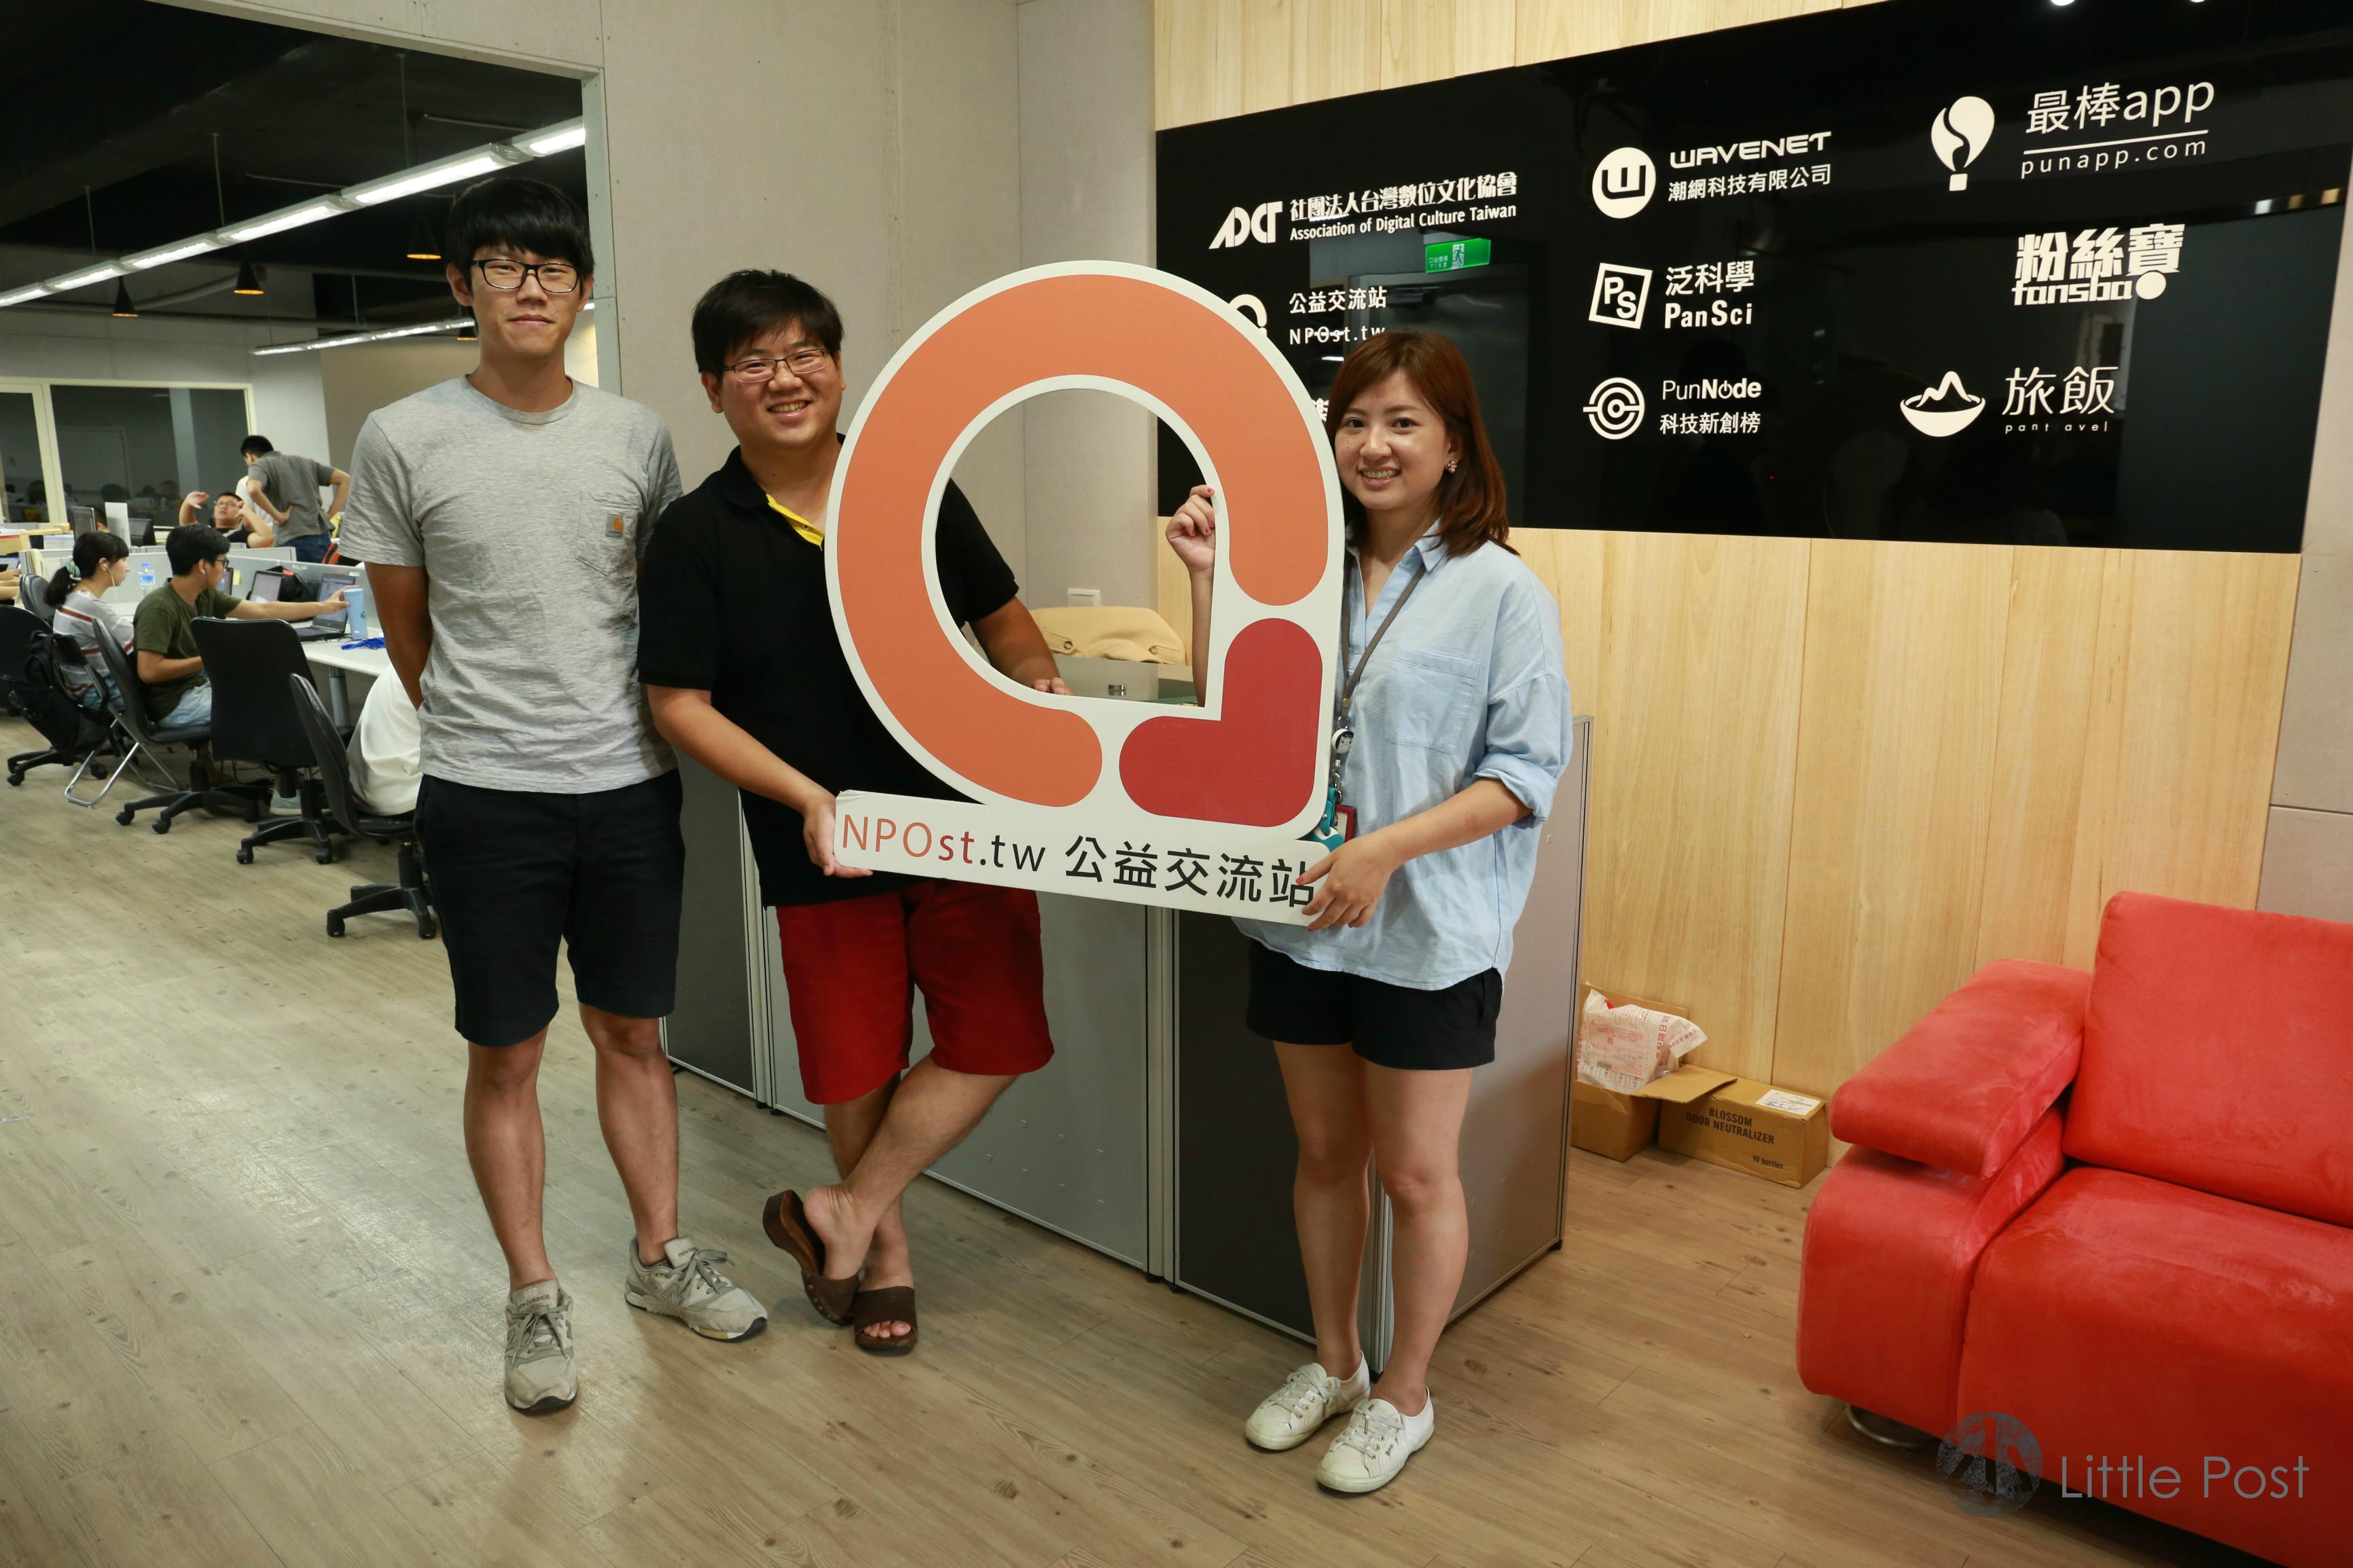 吳哲銘(中)、葉靜倫(右)及林磬(左)是NPost的團隊,由公益報道到活動都由他們一手策劃。